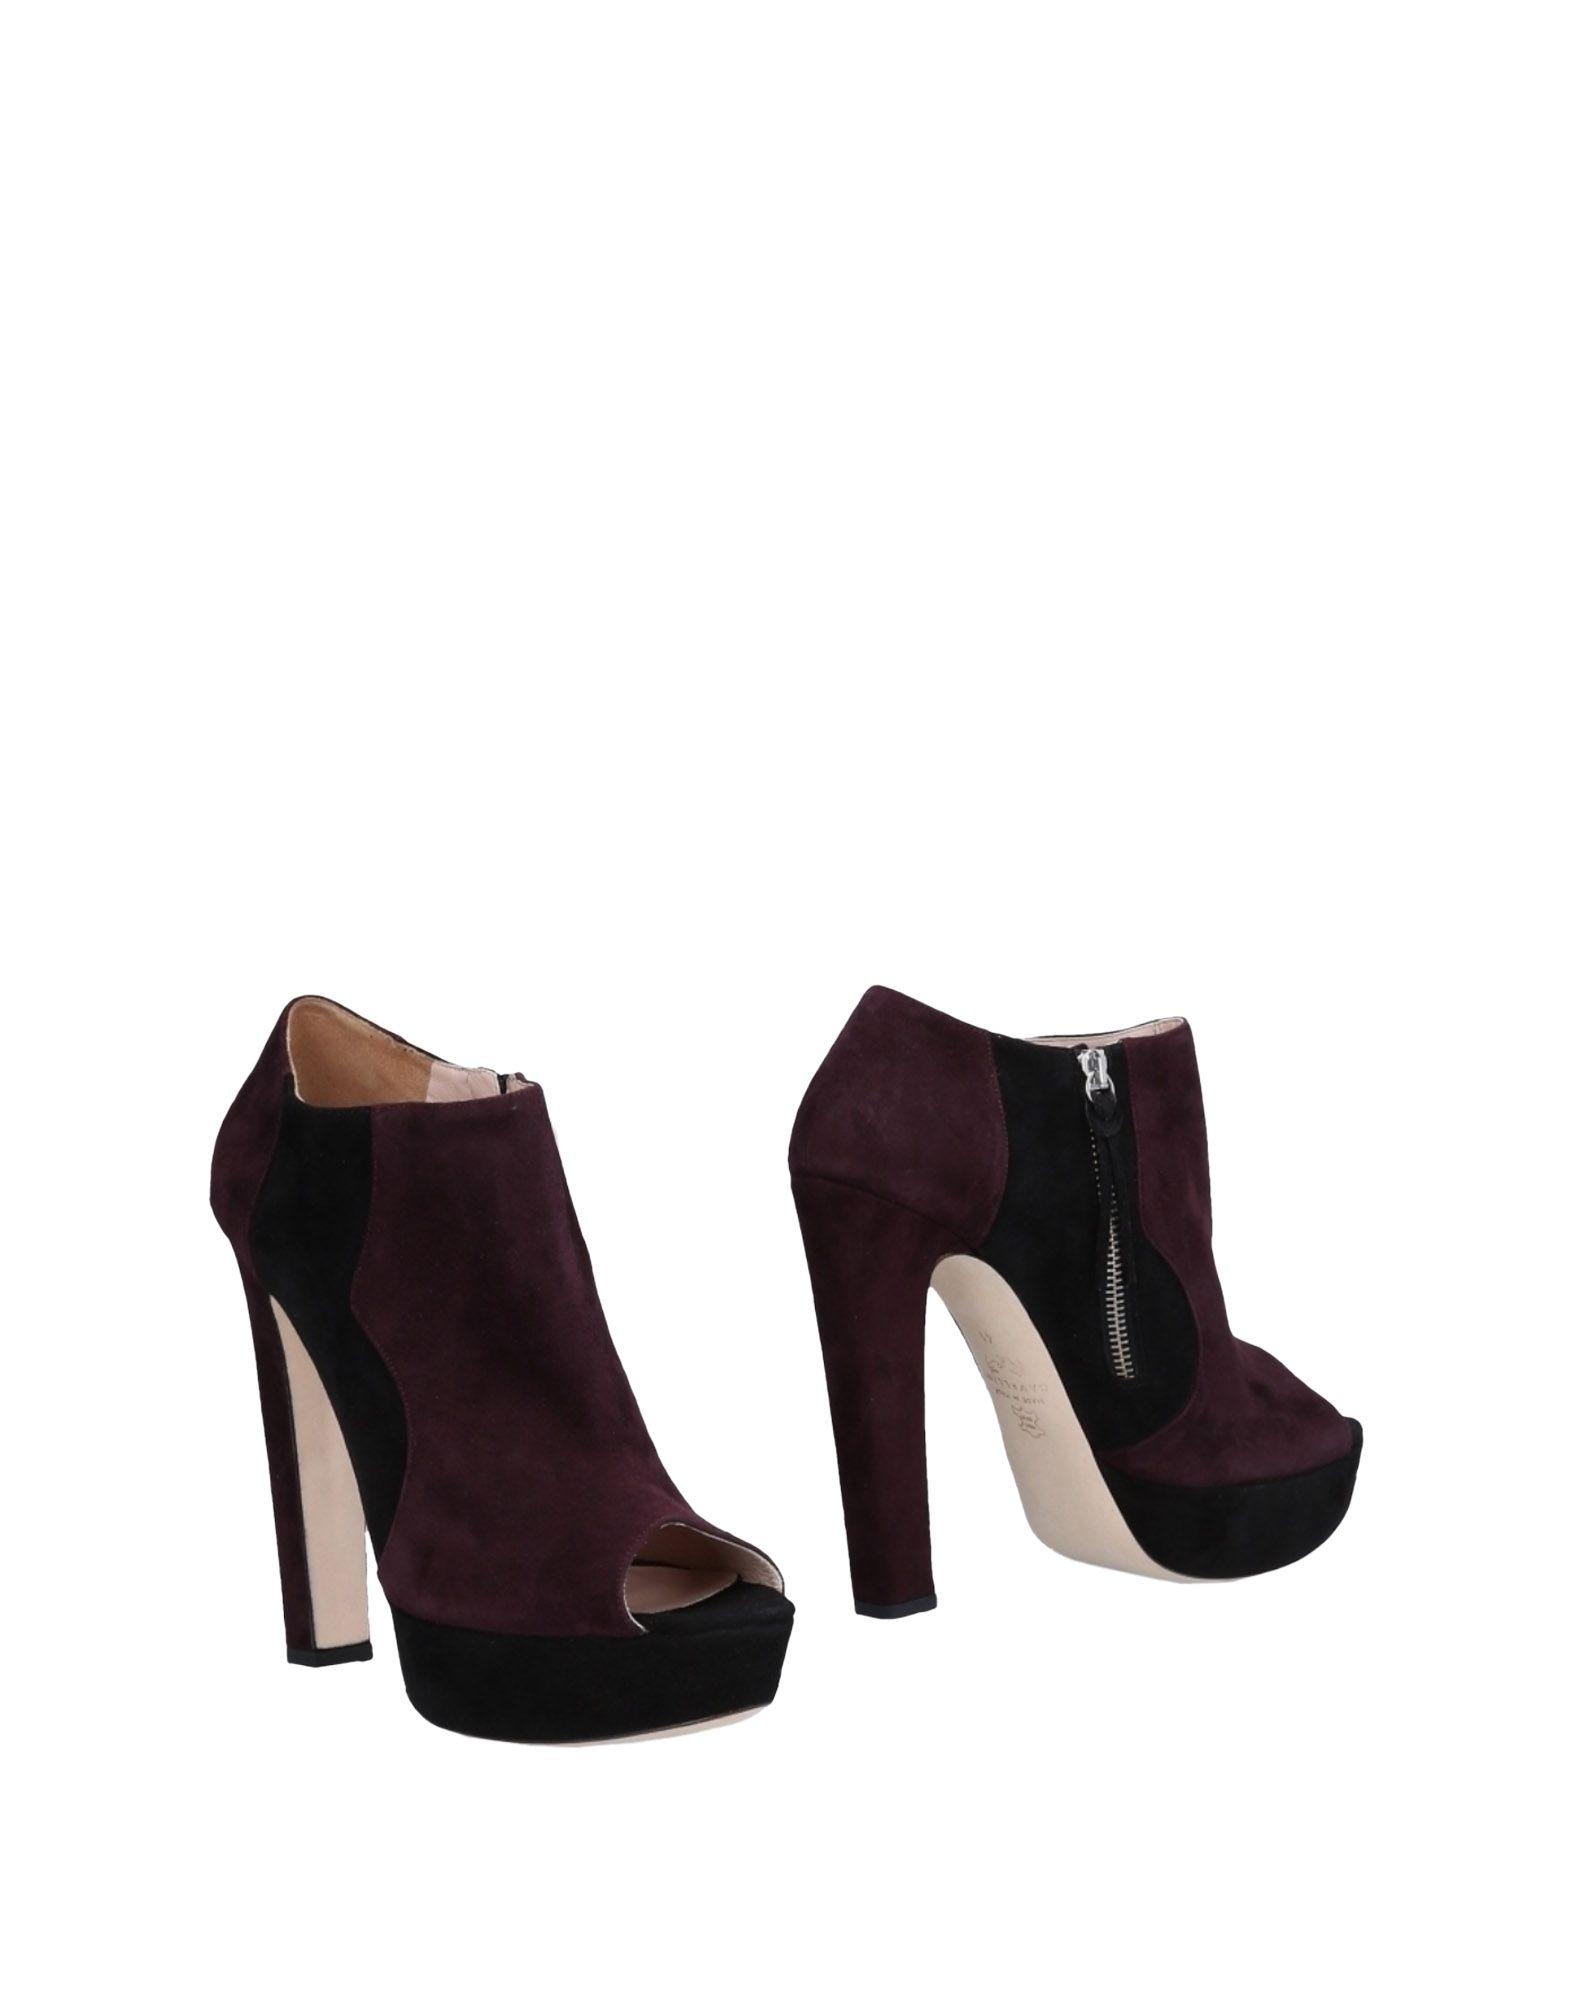 Cavallini Stiefelette Damen  11483994HC Gute Qualität beliebte Schuhe